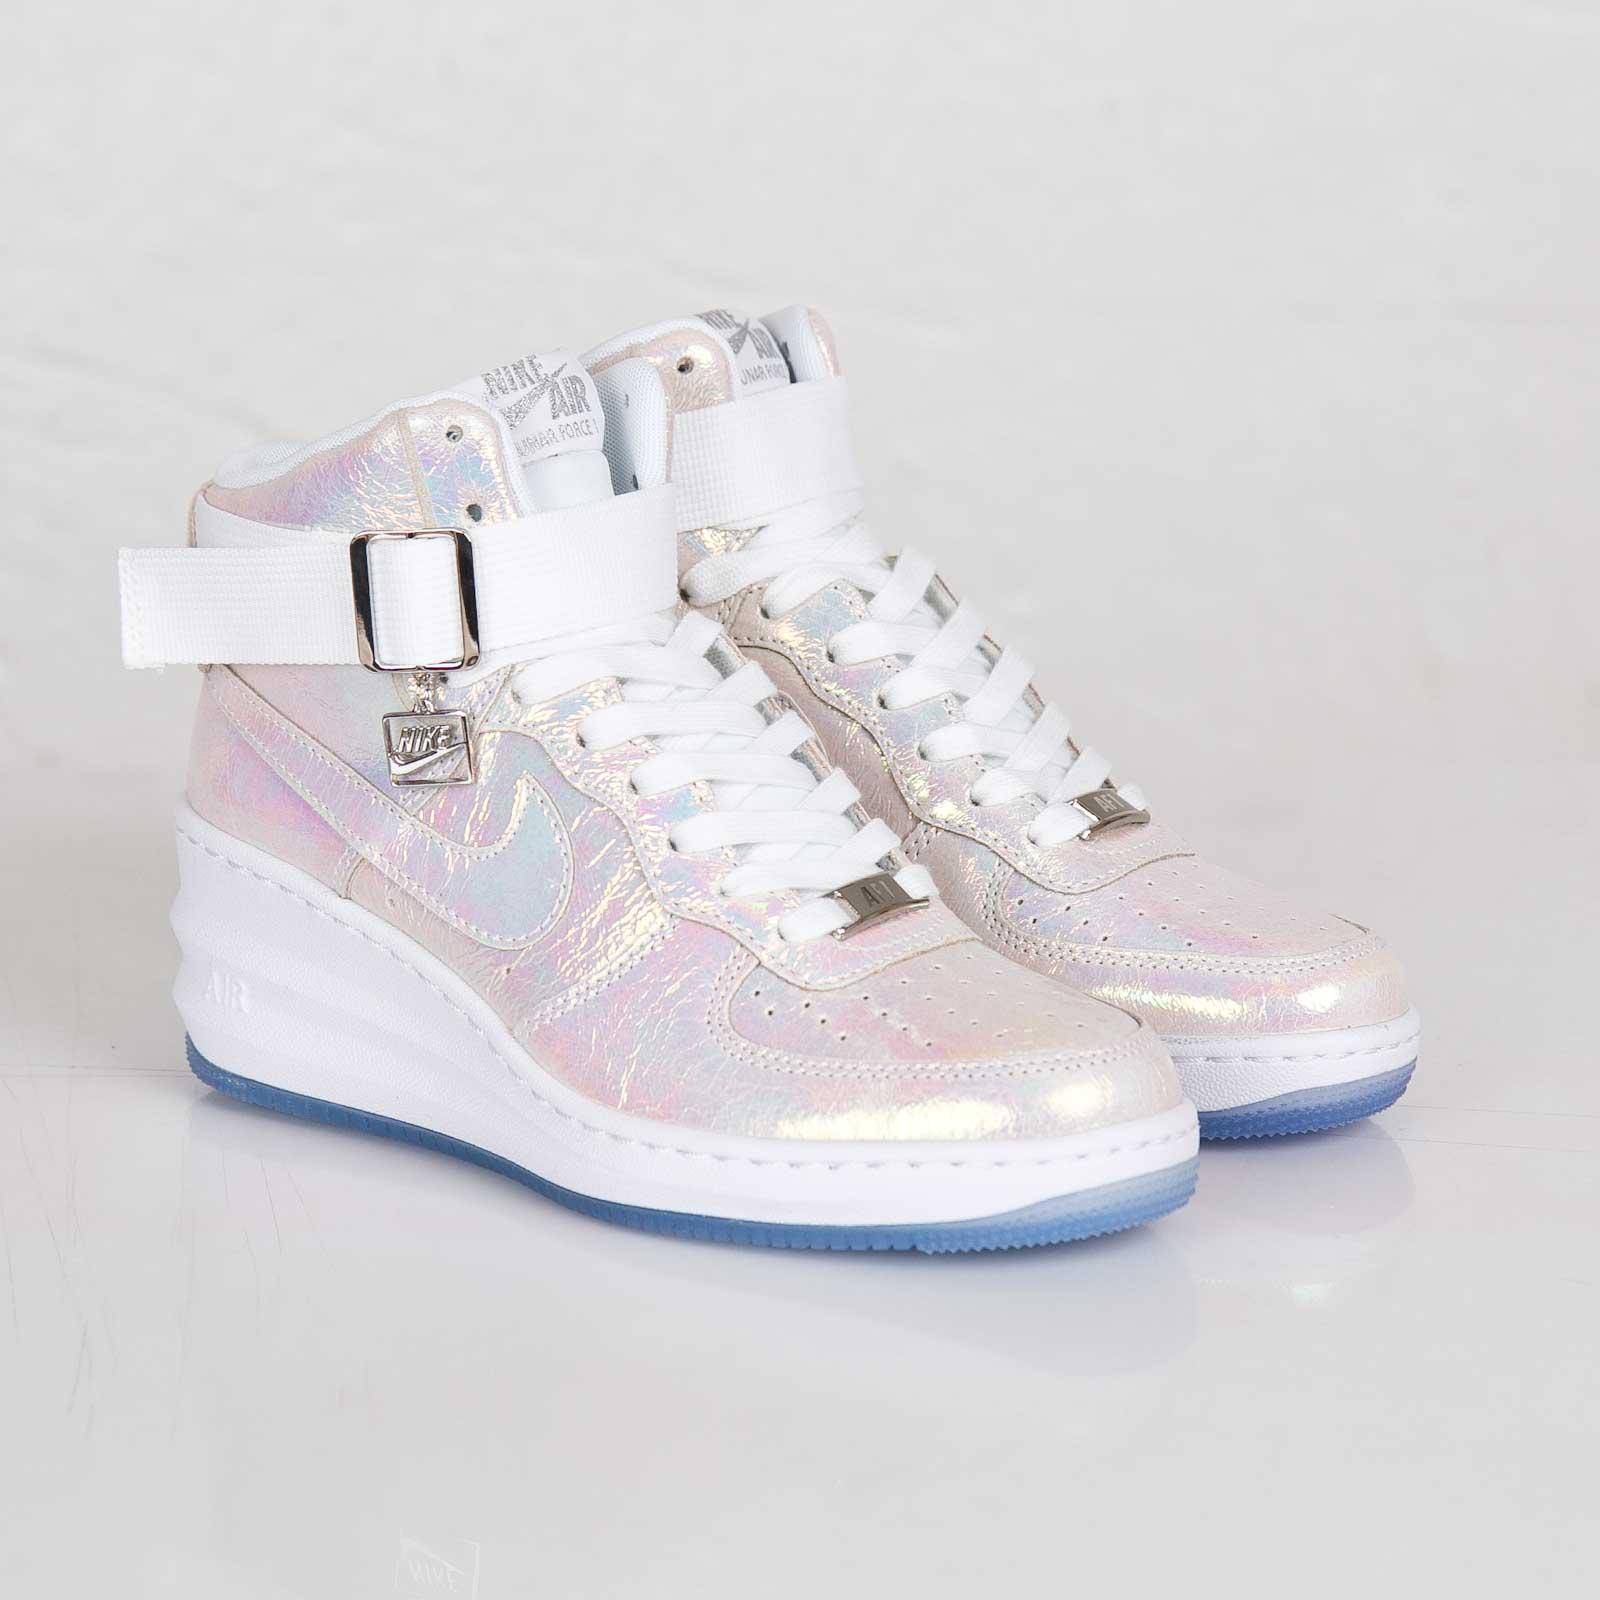 half off 82a21 781e6 Nike Wmns Lunar Force 1 Sky Hi Premium QS